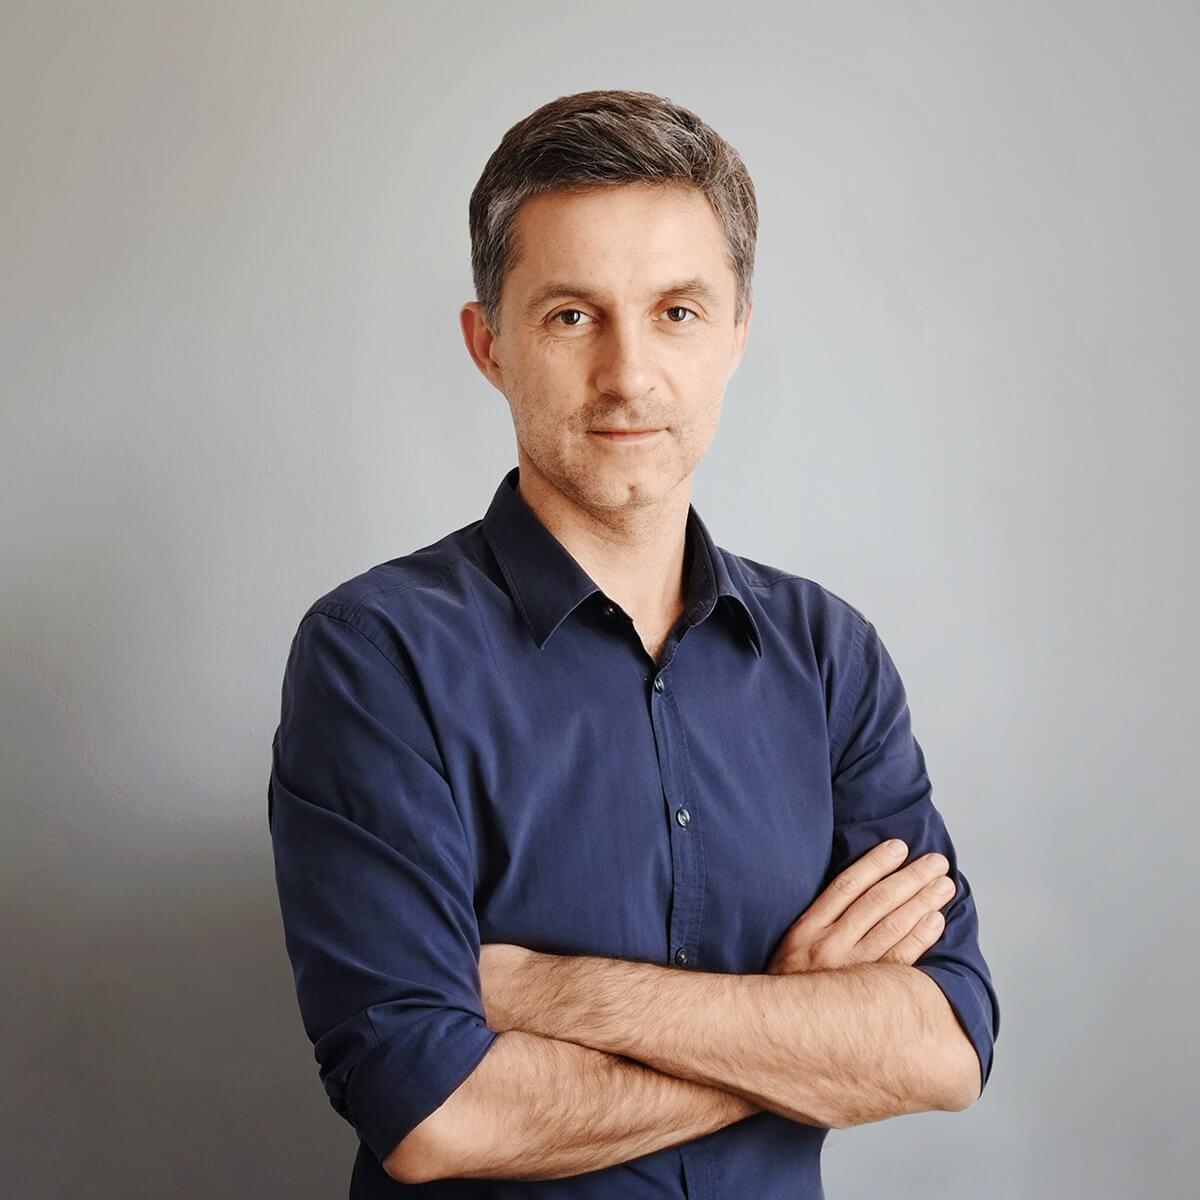 Marek Włodarczyk